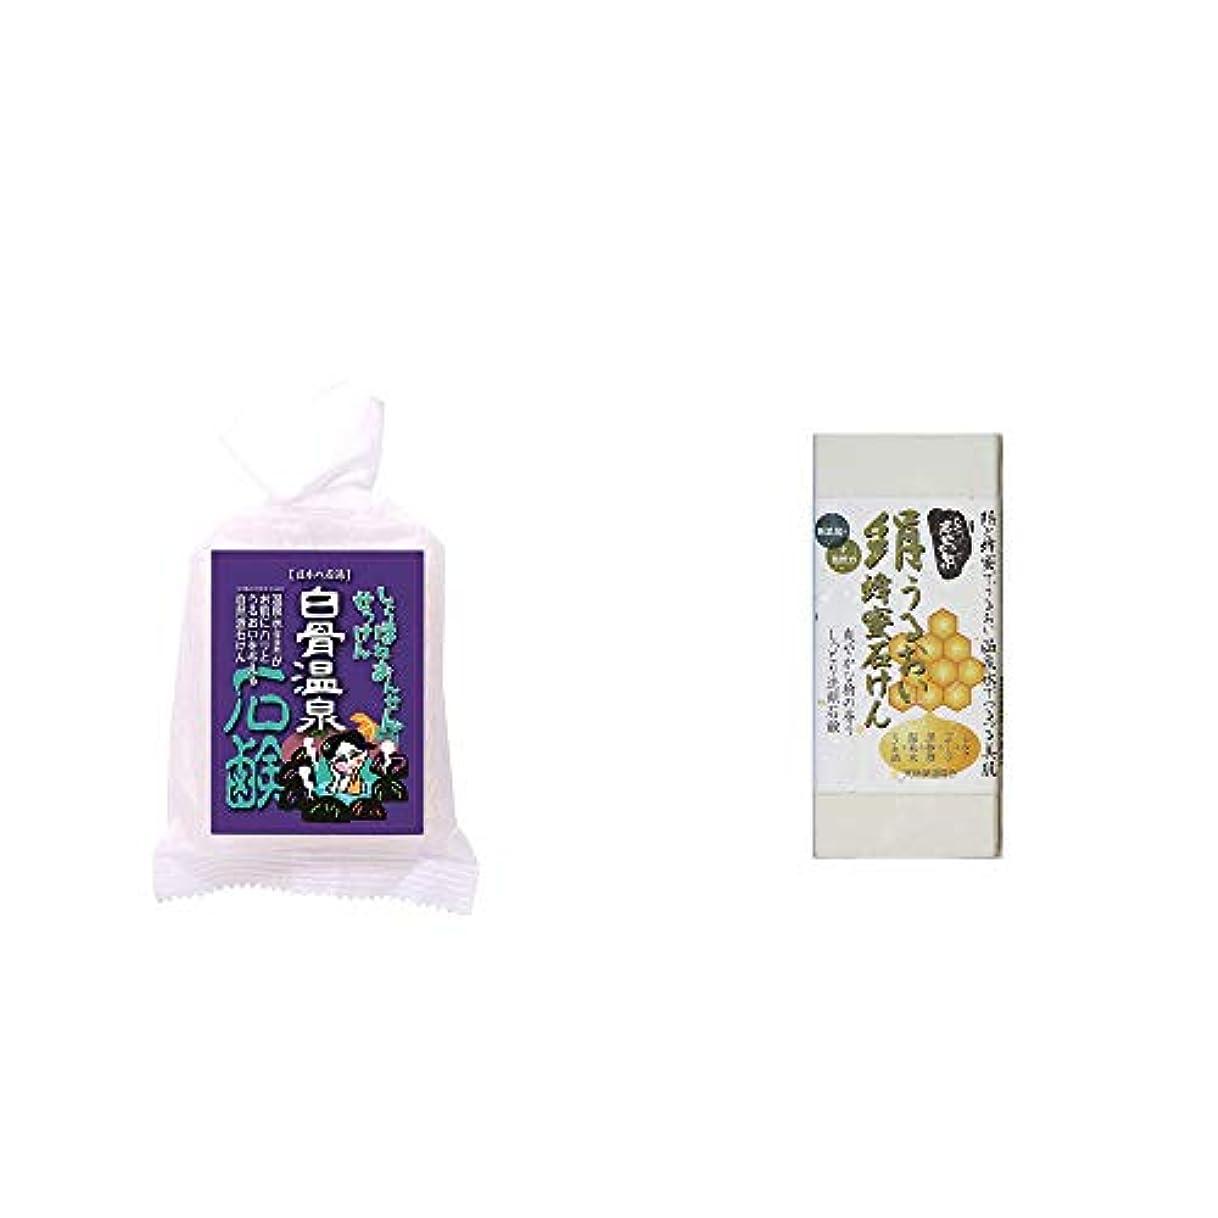 用心ベテラン苦難[2点セット] 信州 白骨温泉石鹸(80g)?ひのき炭黒泉 絹うるおい蜂蜜石けん(75g×2)